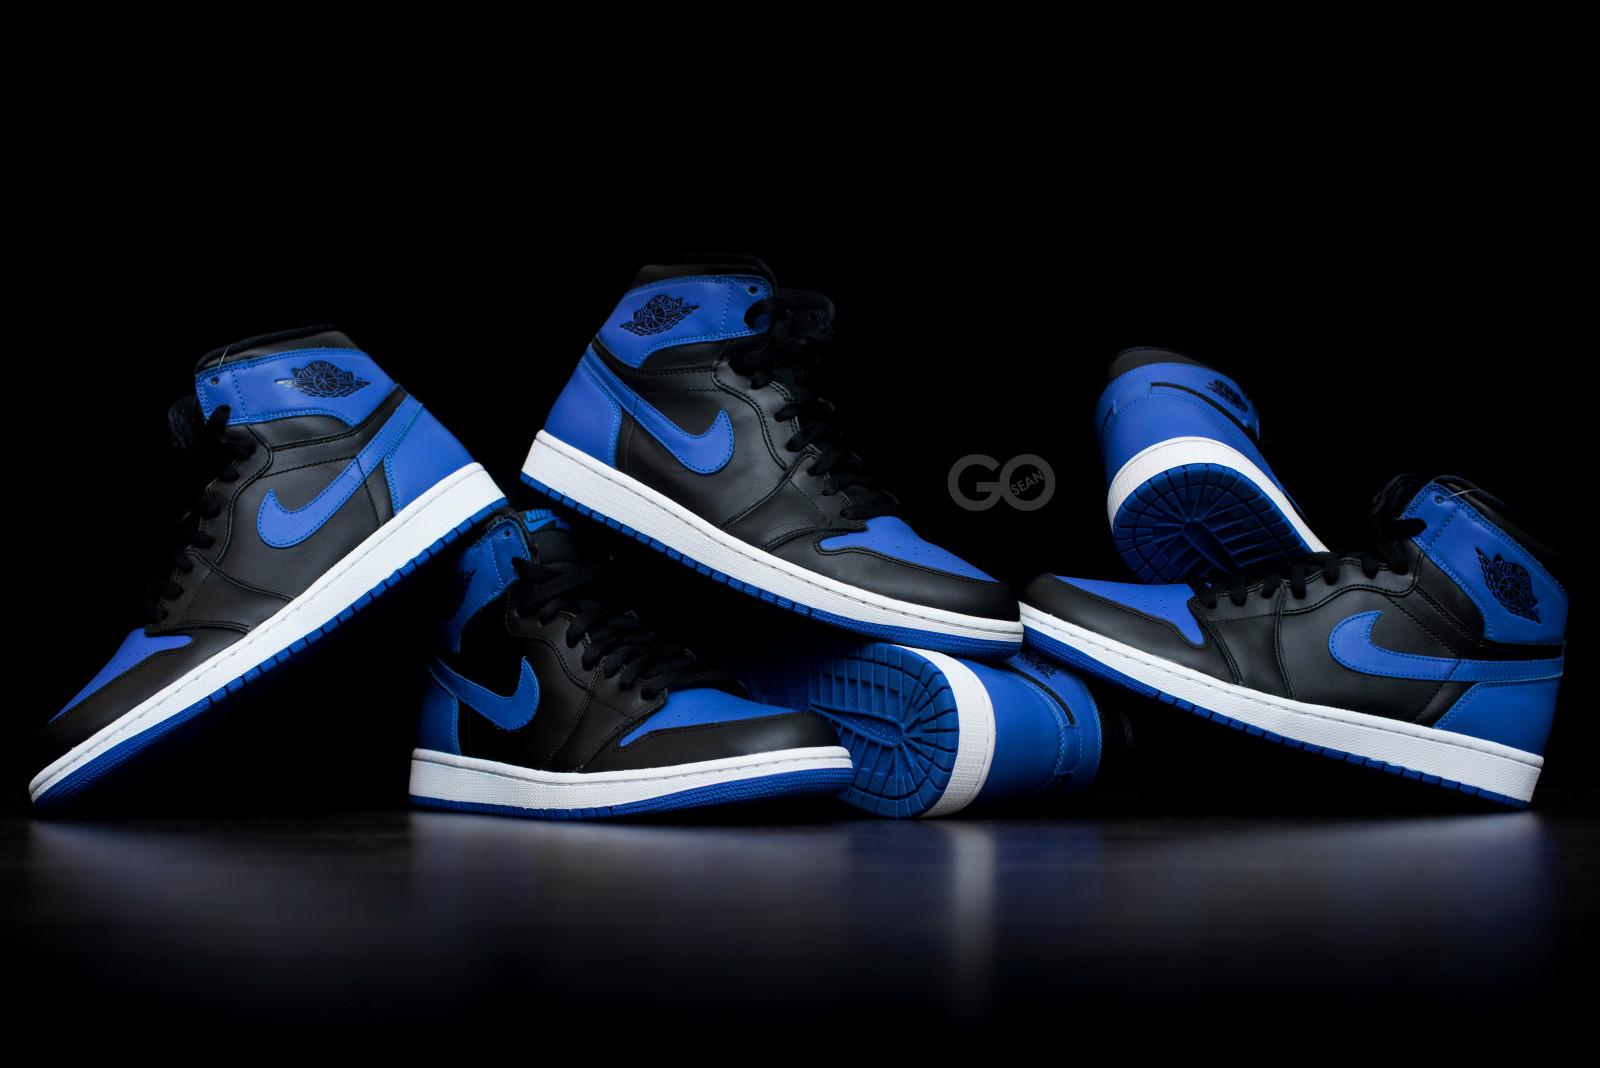 Wallpaper : Nike, white, black, neon, ISS, shoes, Nikon ...